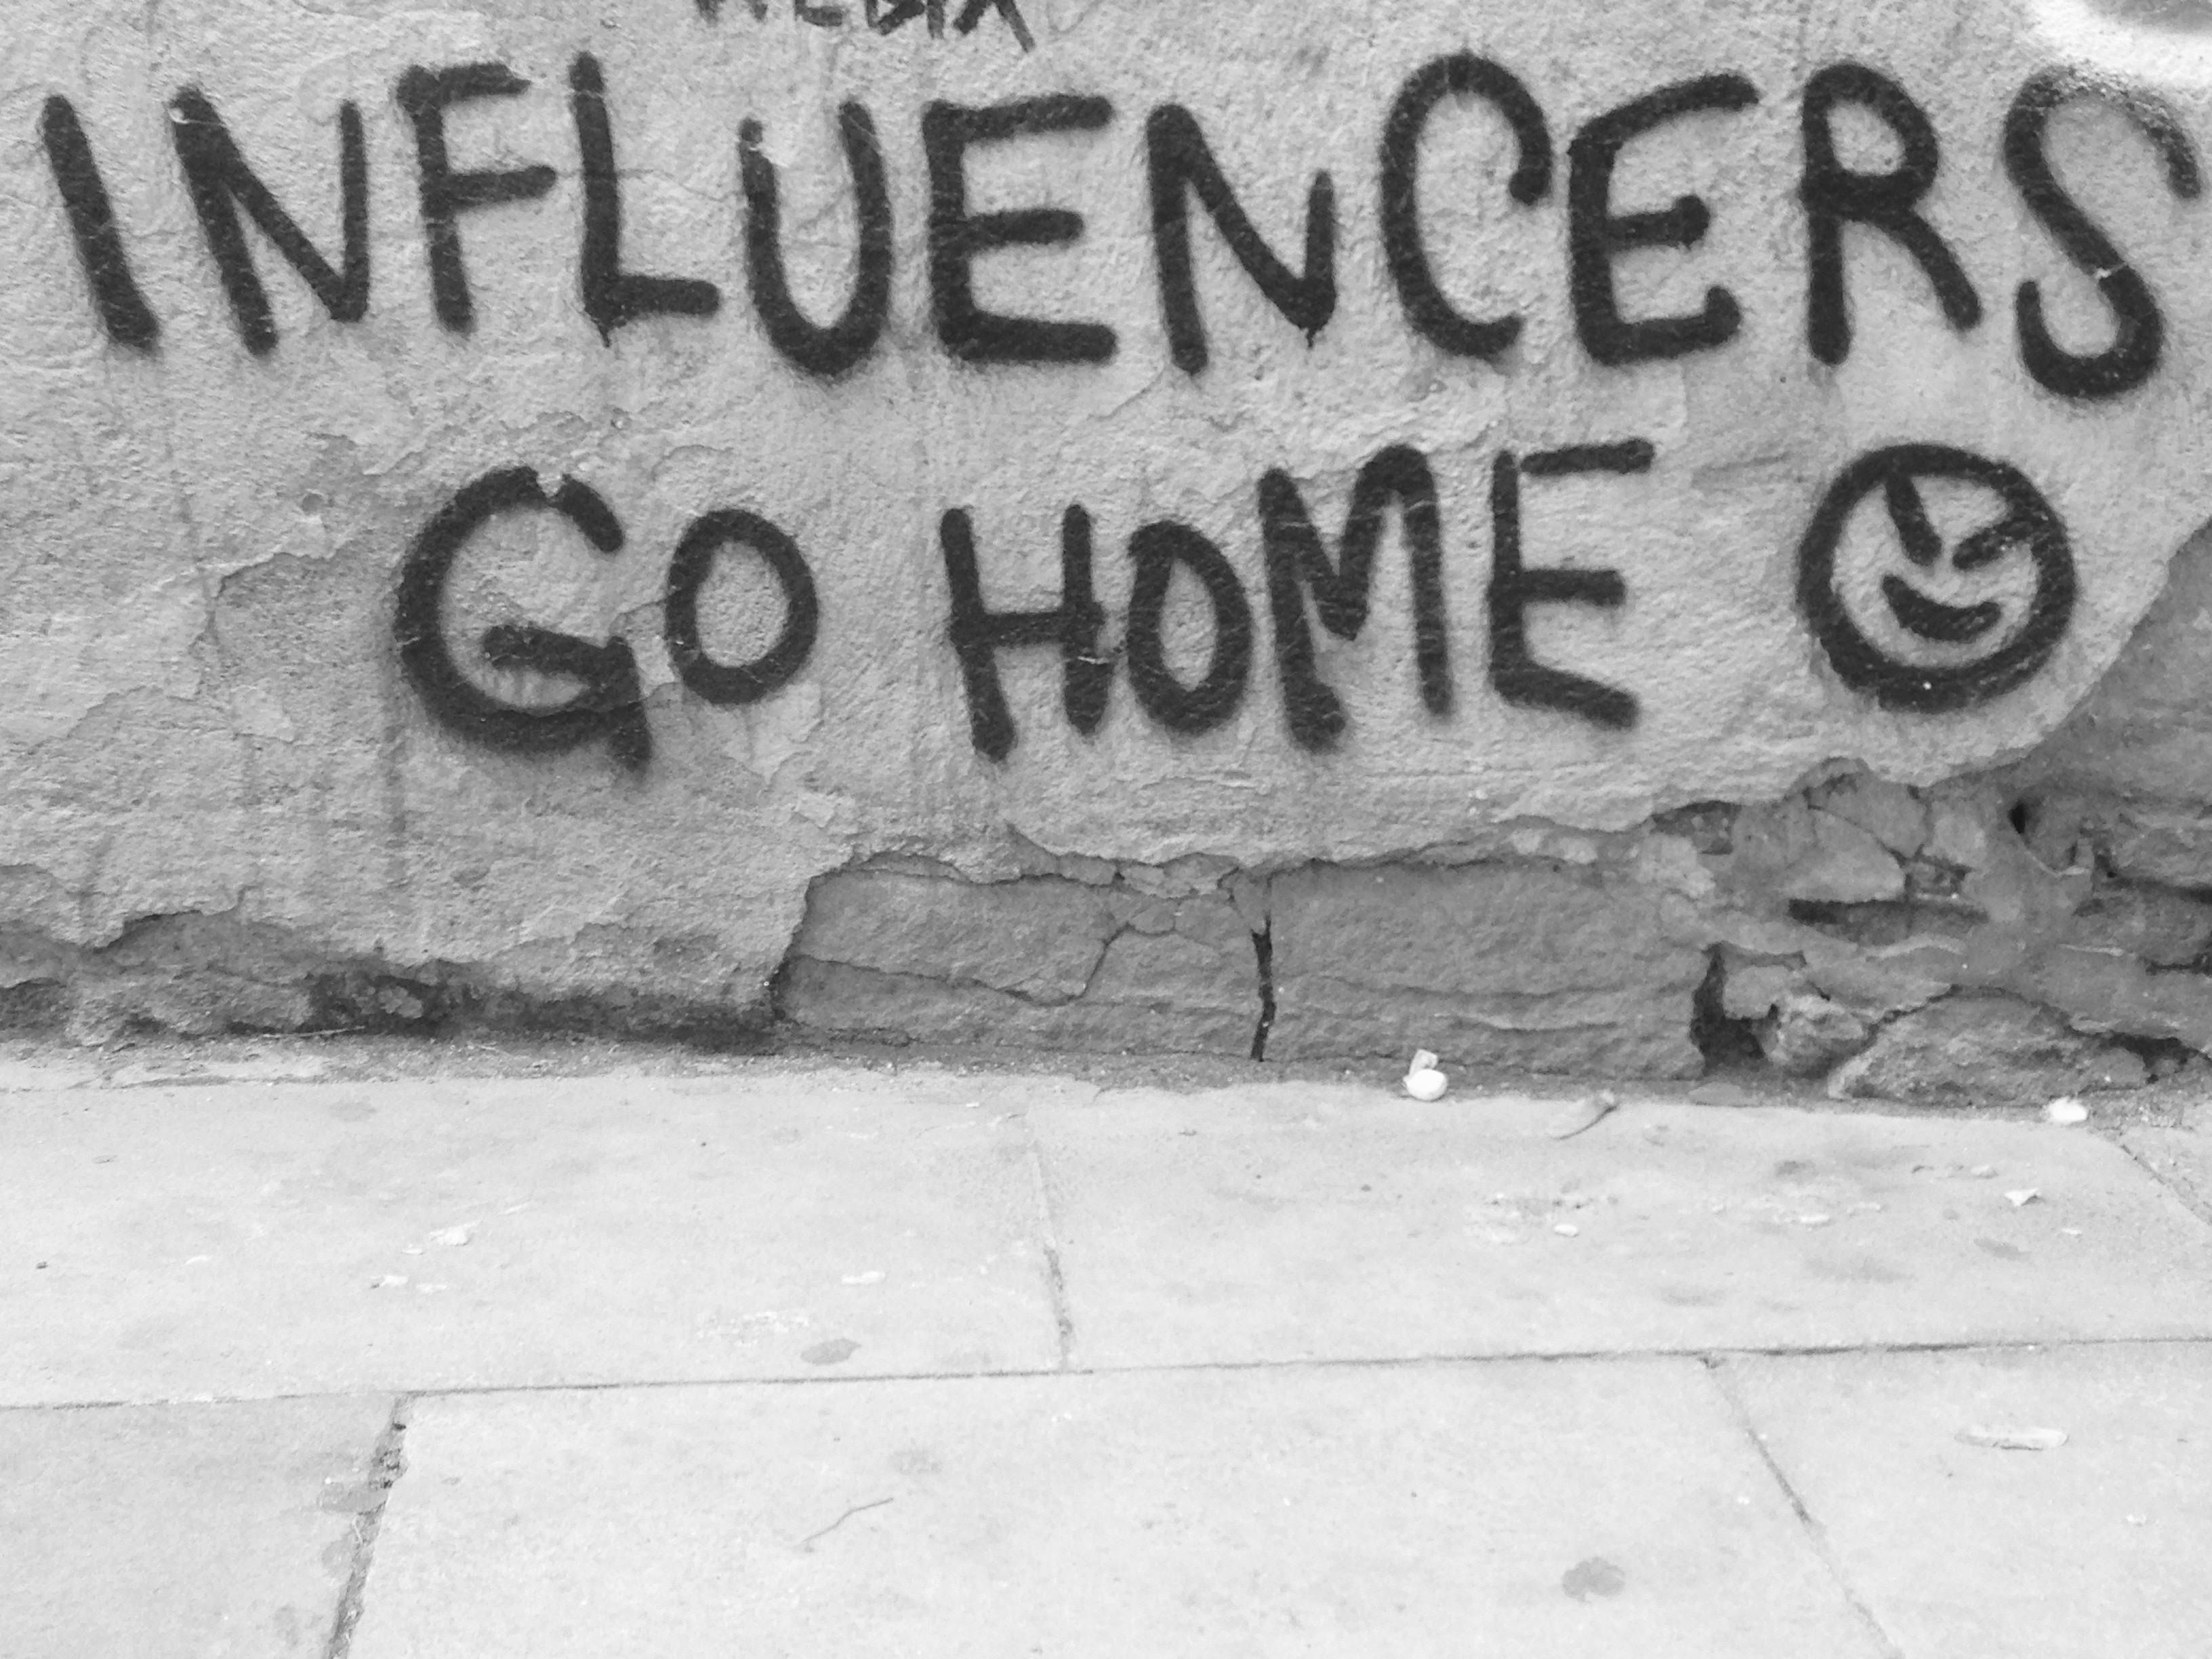 Influencers go home